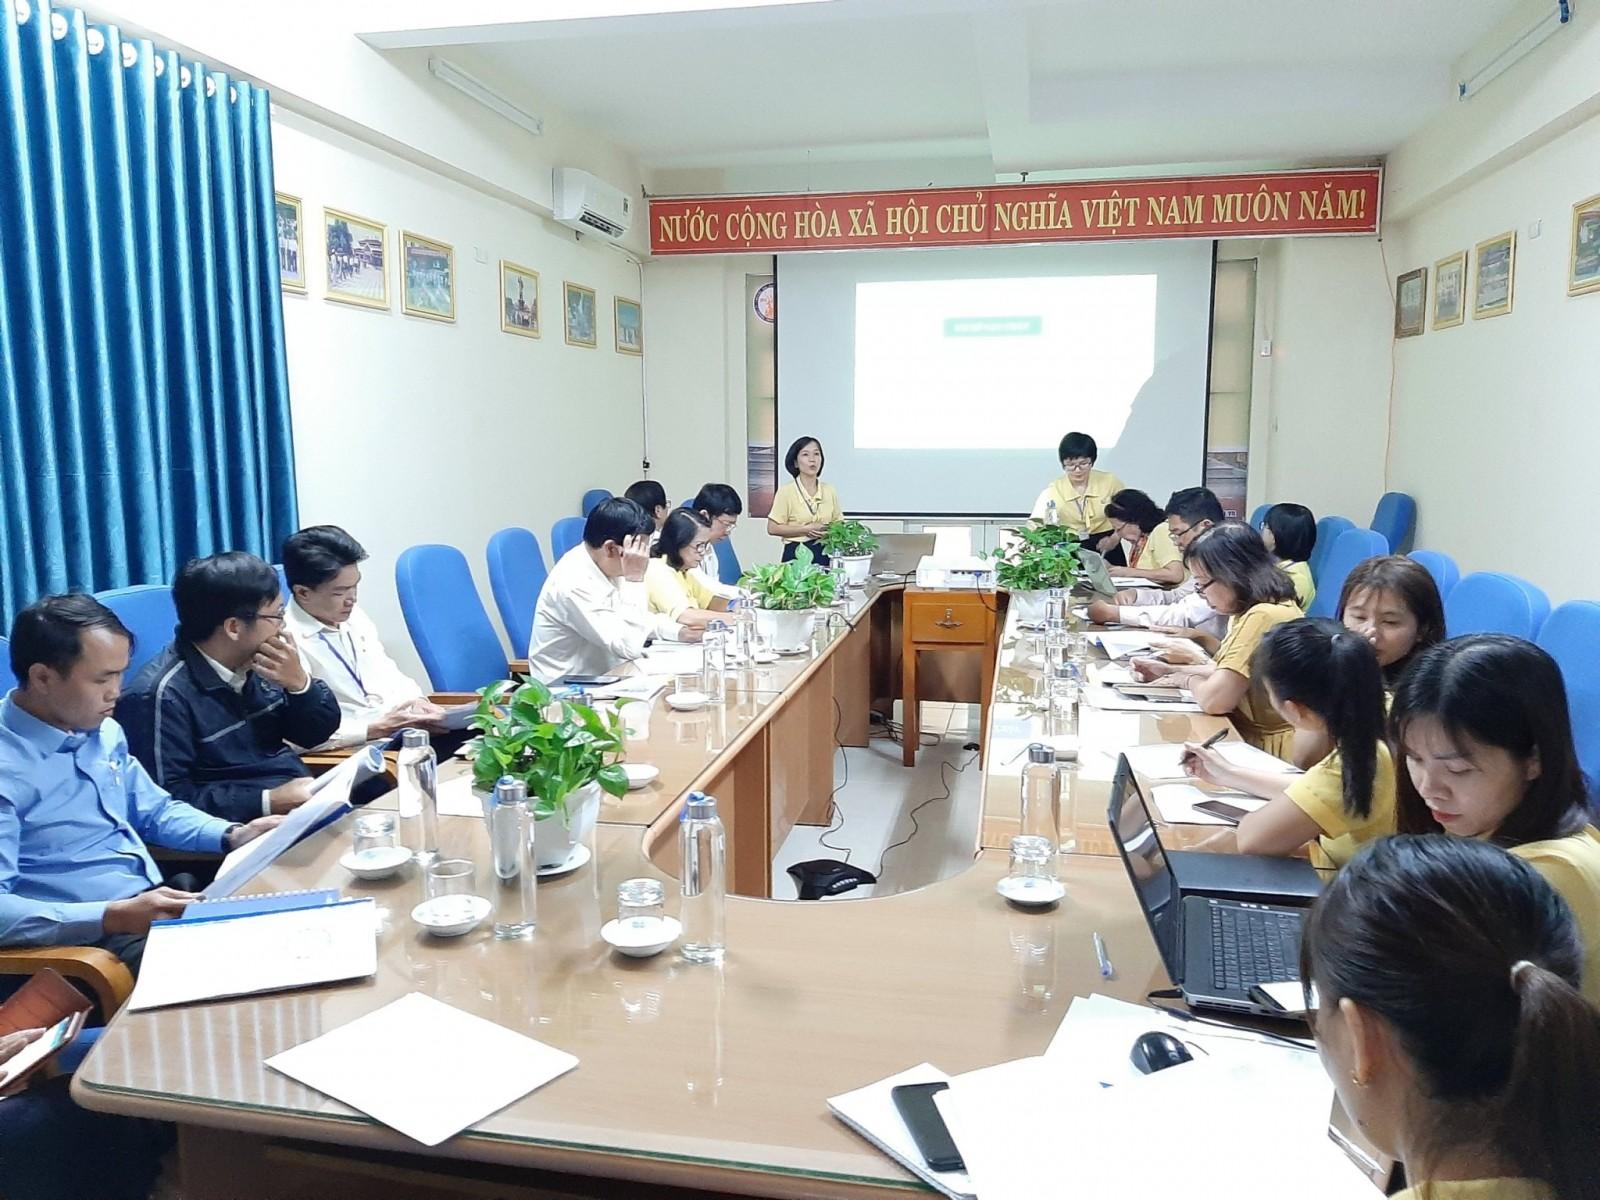 Hội thảo Đề án Mở mã ngành đào tạo Cử nhân Công nghệ sinh học